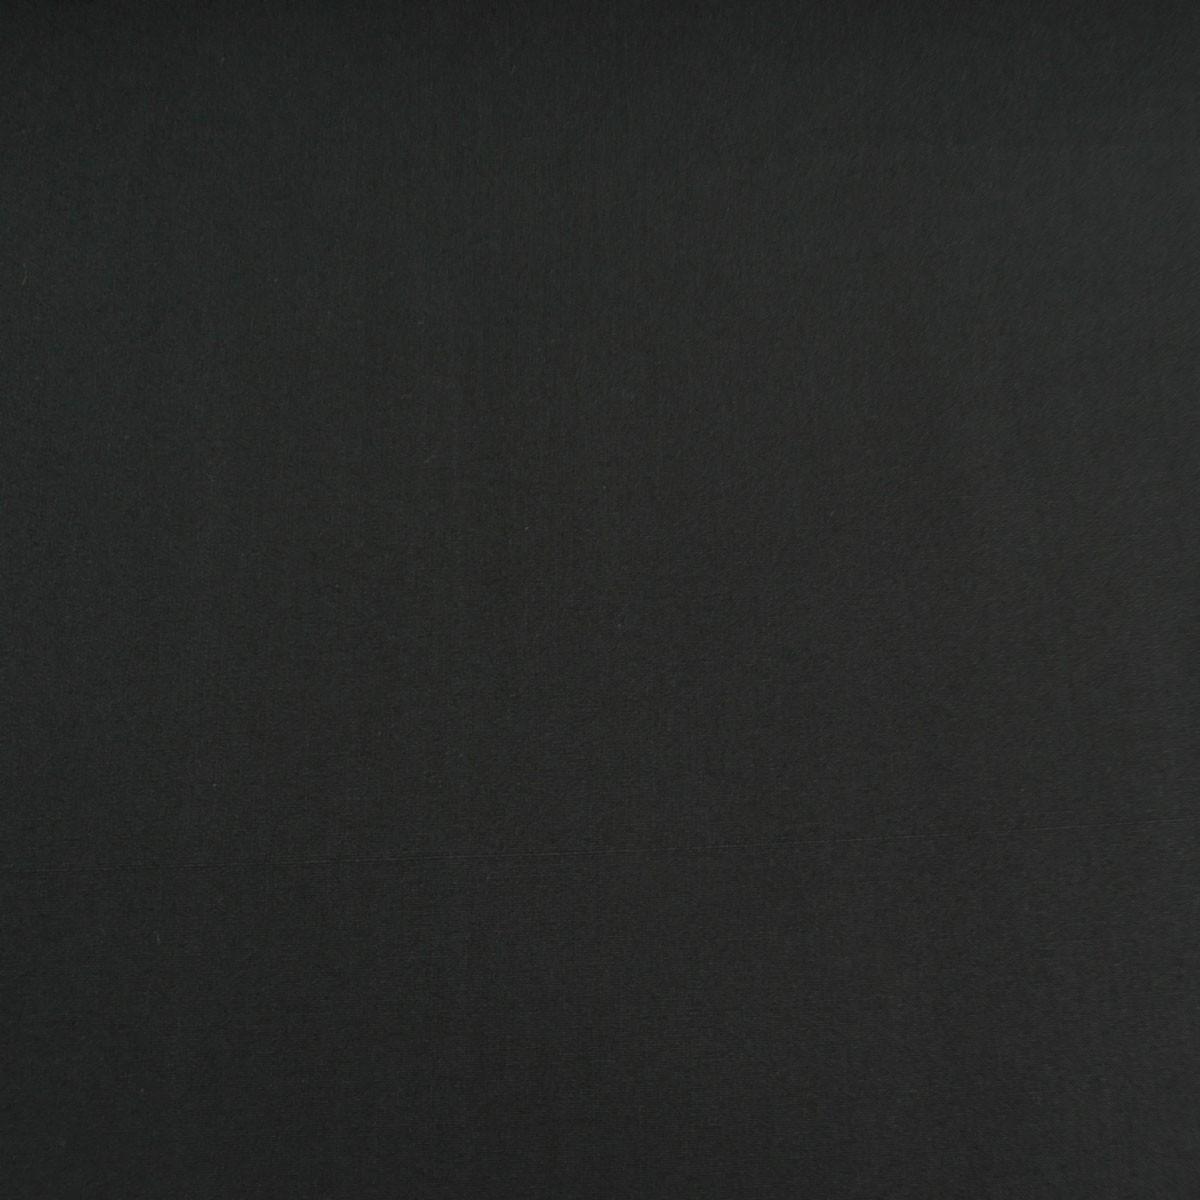 Baumwoll Batist Bekleidungsstoff schwarz 1,5 m Breite